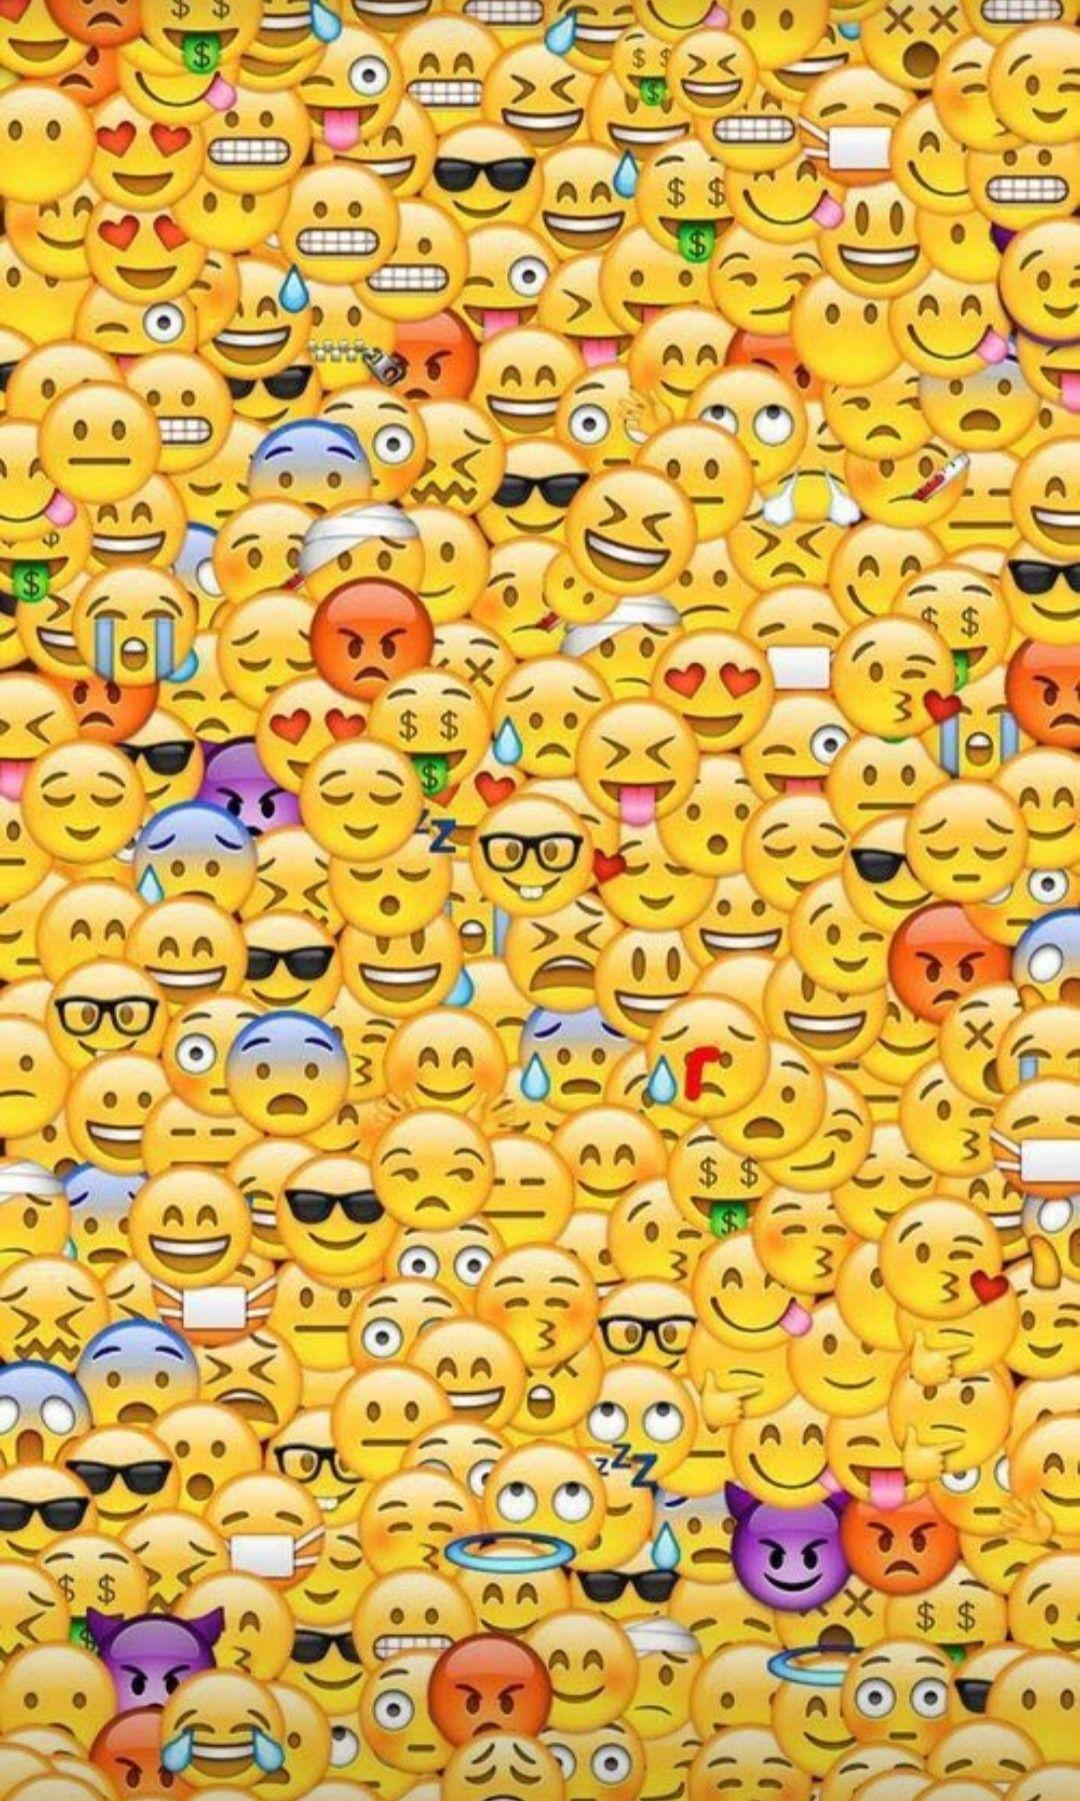 Sacma Sapan Hayaller Adli Kullanicinin En Guzel Duvar Kagitlari Panosundaki Pin Emoji Arkaplan Tasarimlari Retro Posterler